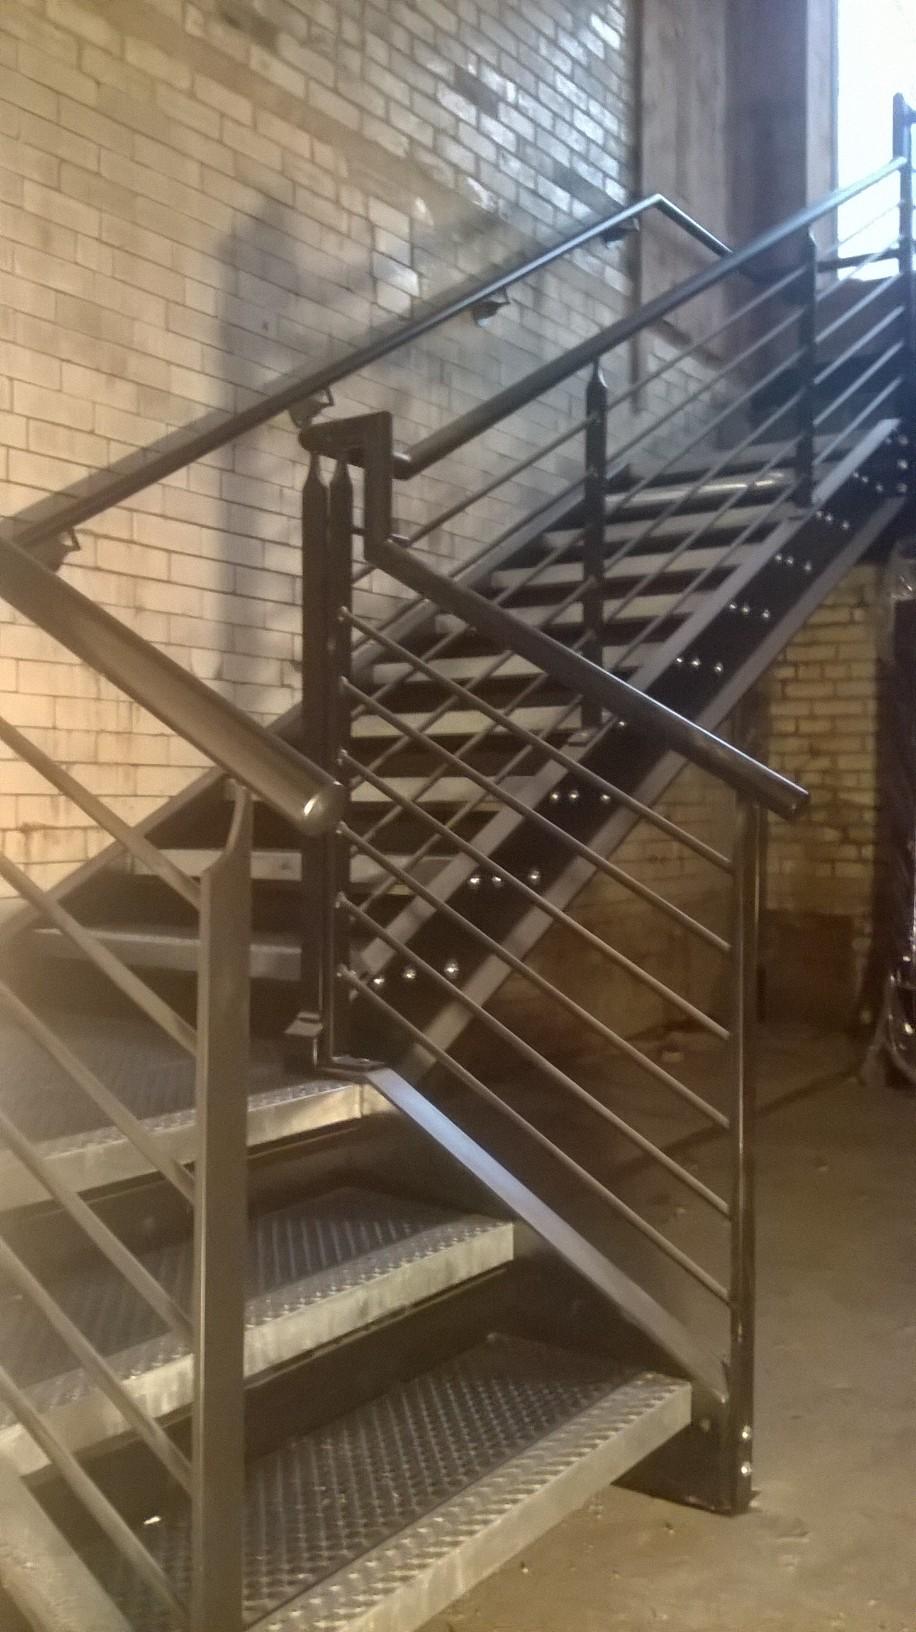 Steel Fabricators Of Balconies Staircases External Steel